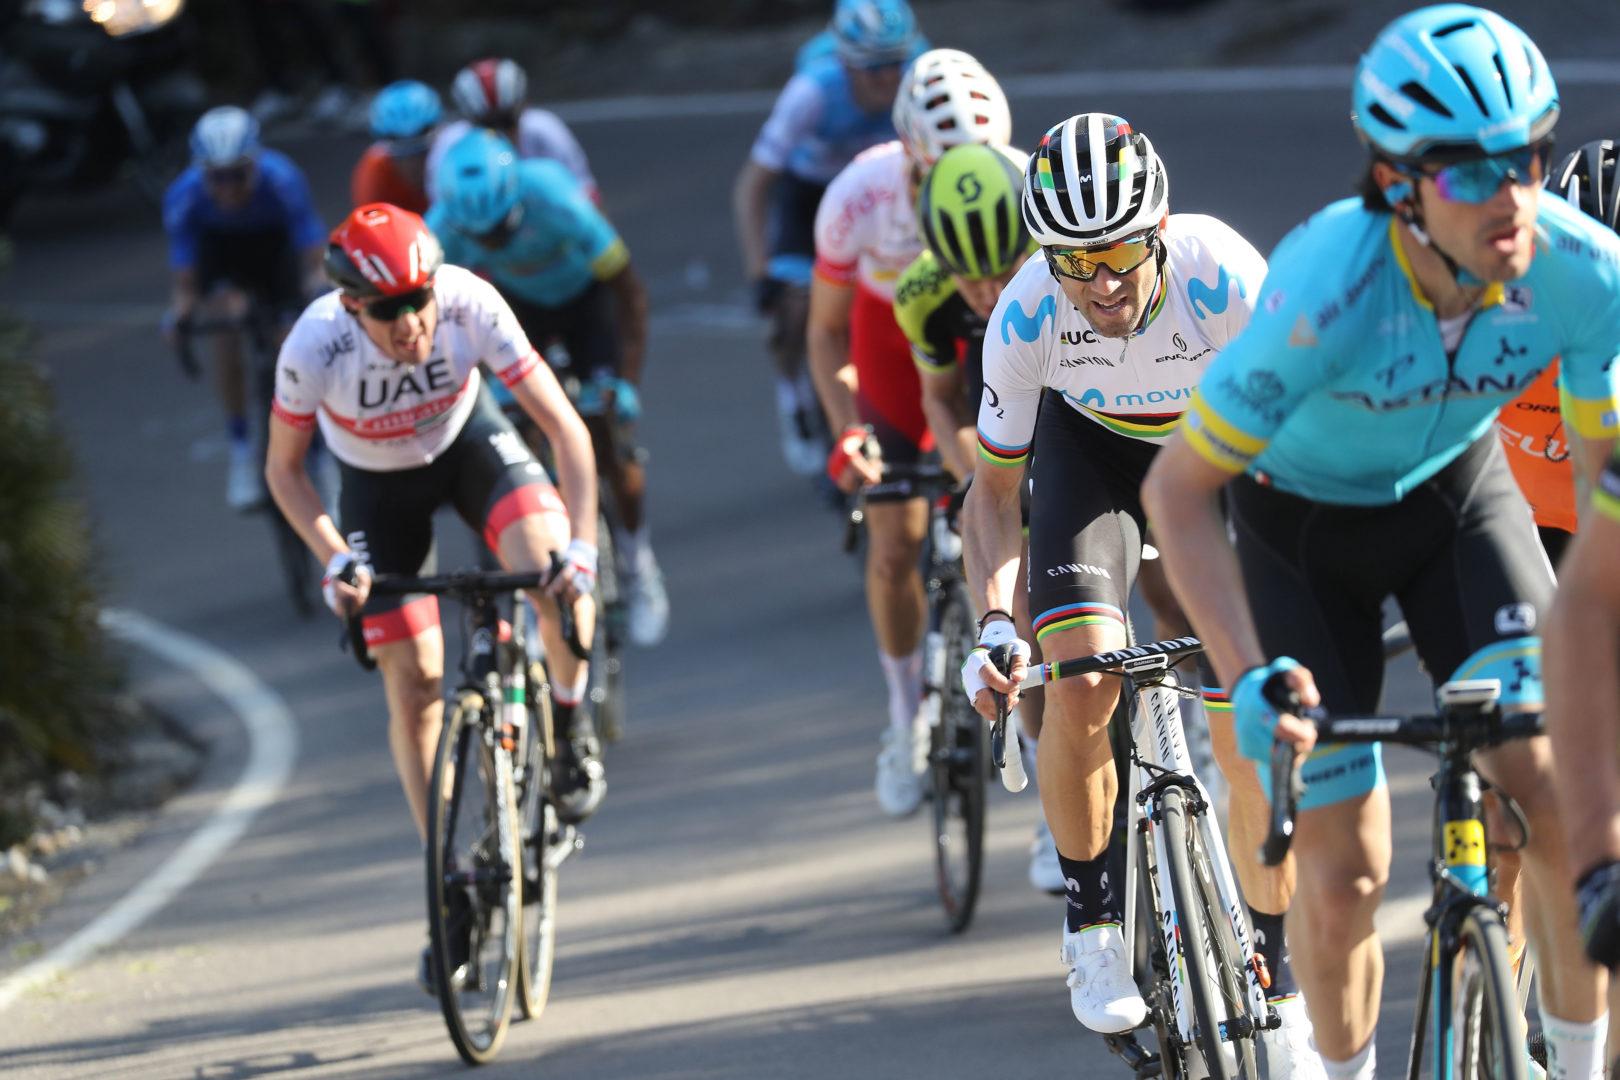 Volta a la Comunitat Valenciana 2019 - 70th Edition - 4th stage Vila-Real - Alcala -Alcocebre 188 km - 09/02/2019 - Alejandro Valverde (ESP - Movistar Team) - photo Luis Angel Gomez/BettiniPhoto©2019